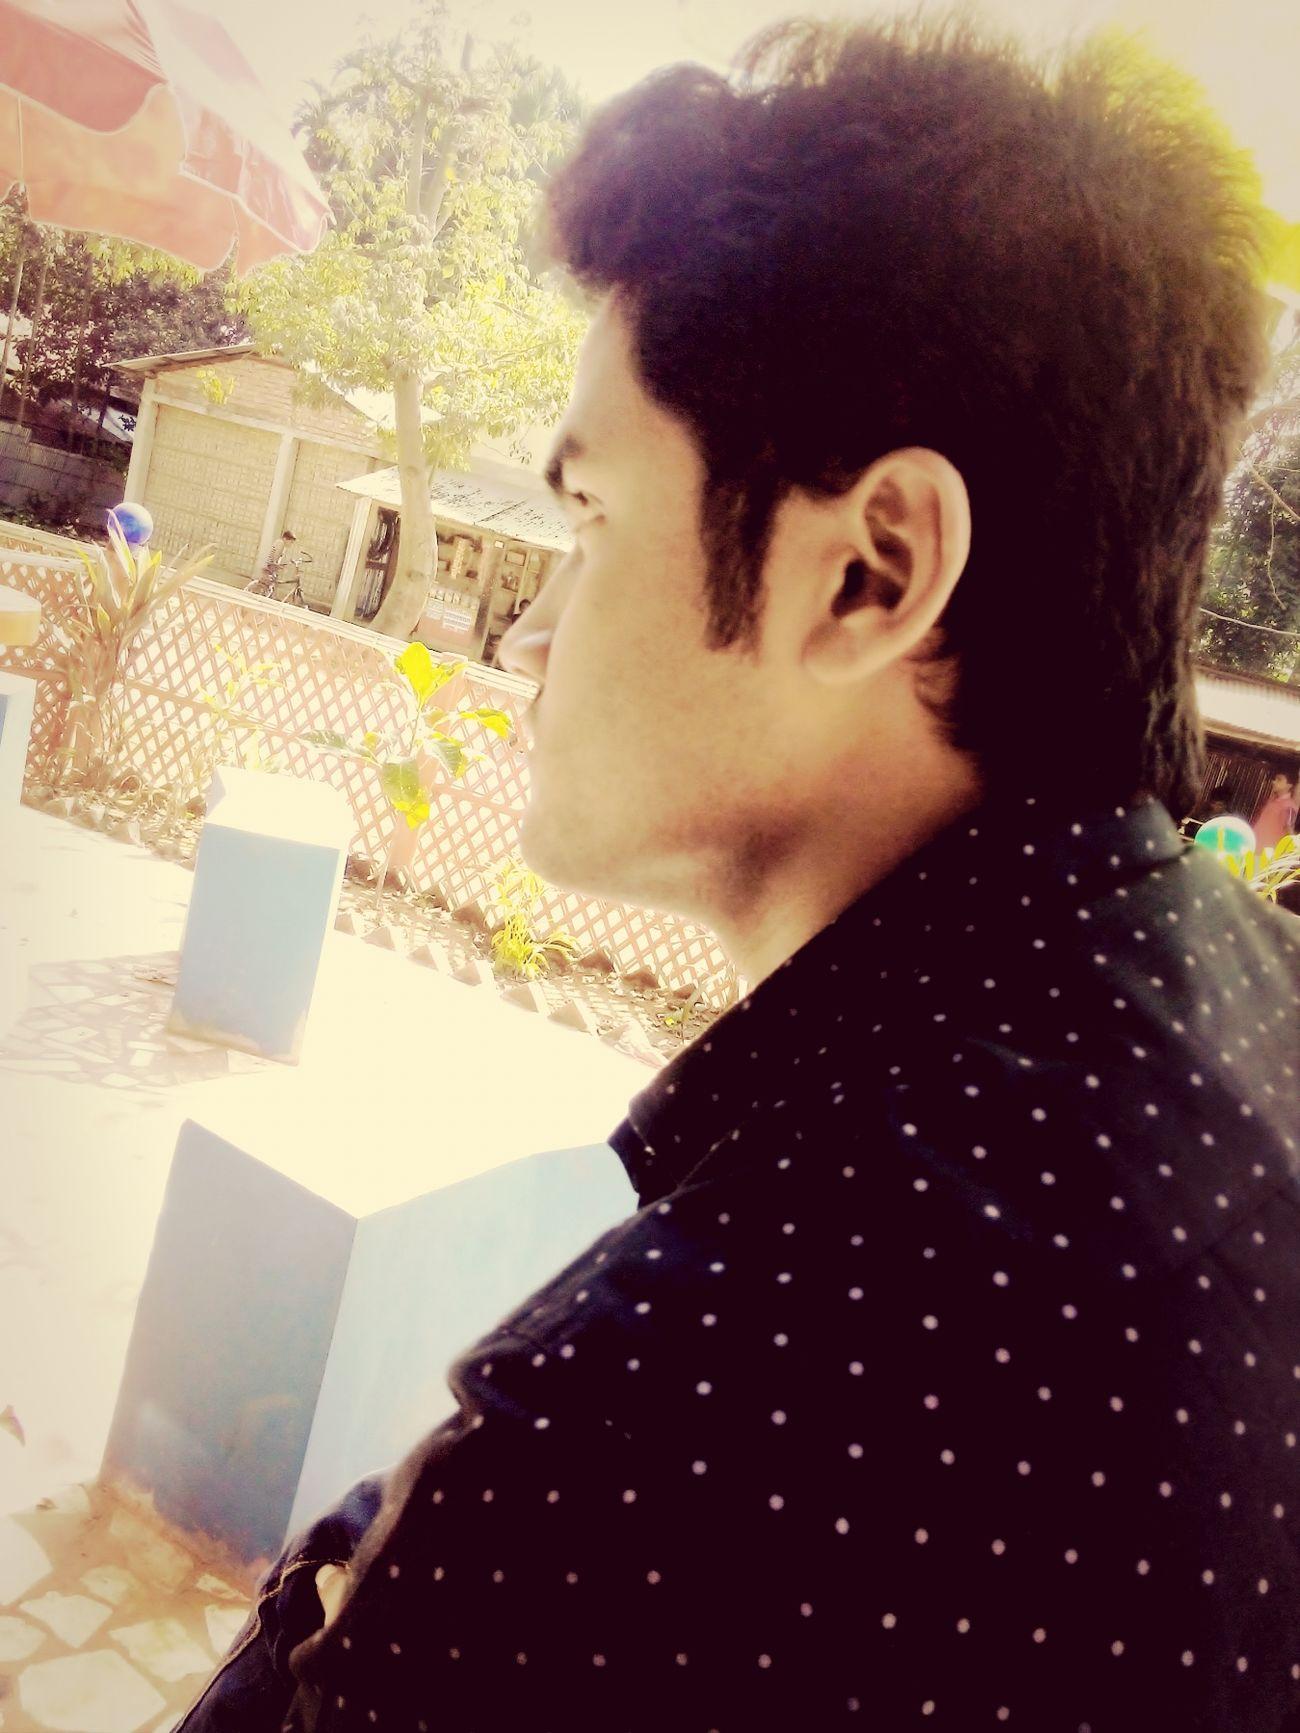 mee3eeeee First Eyeem Photo